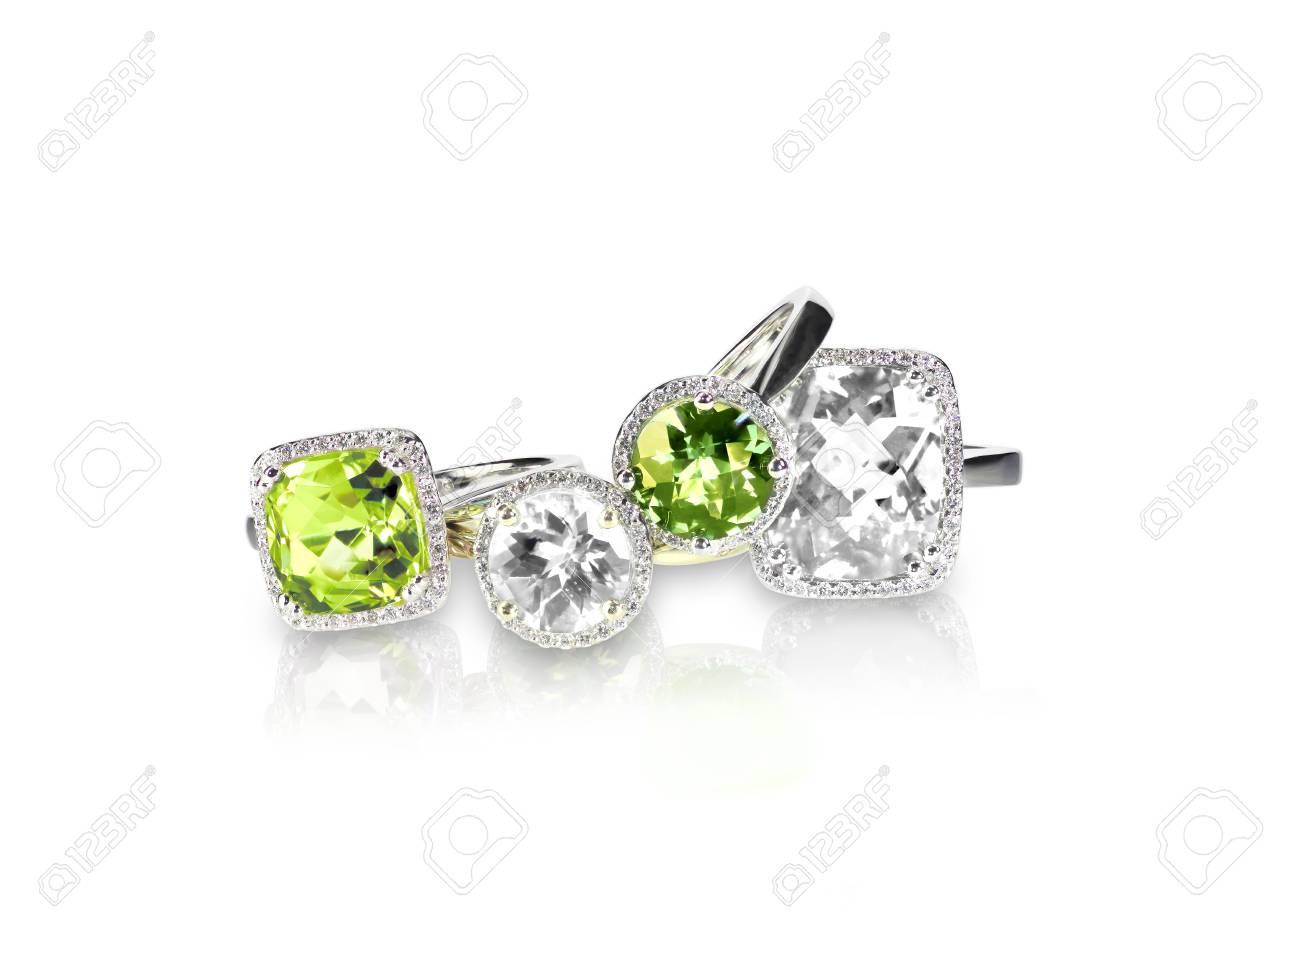 énorme réduction économiser en gros Set di peridoto verde con diamanti anelli gemma gioielleria. Gruppo di  stack o cluster di più anelli di diamanti gemma.